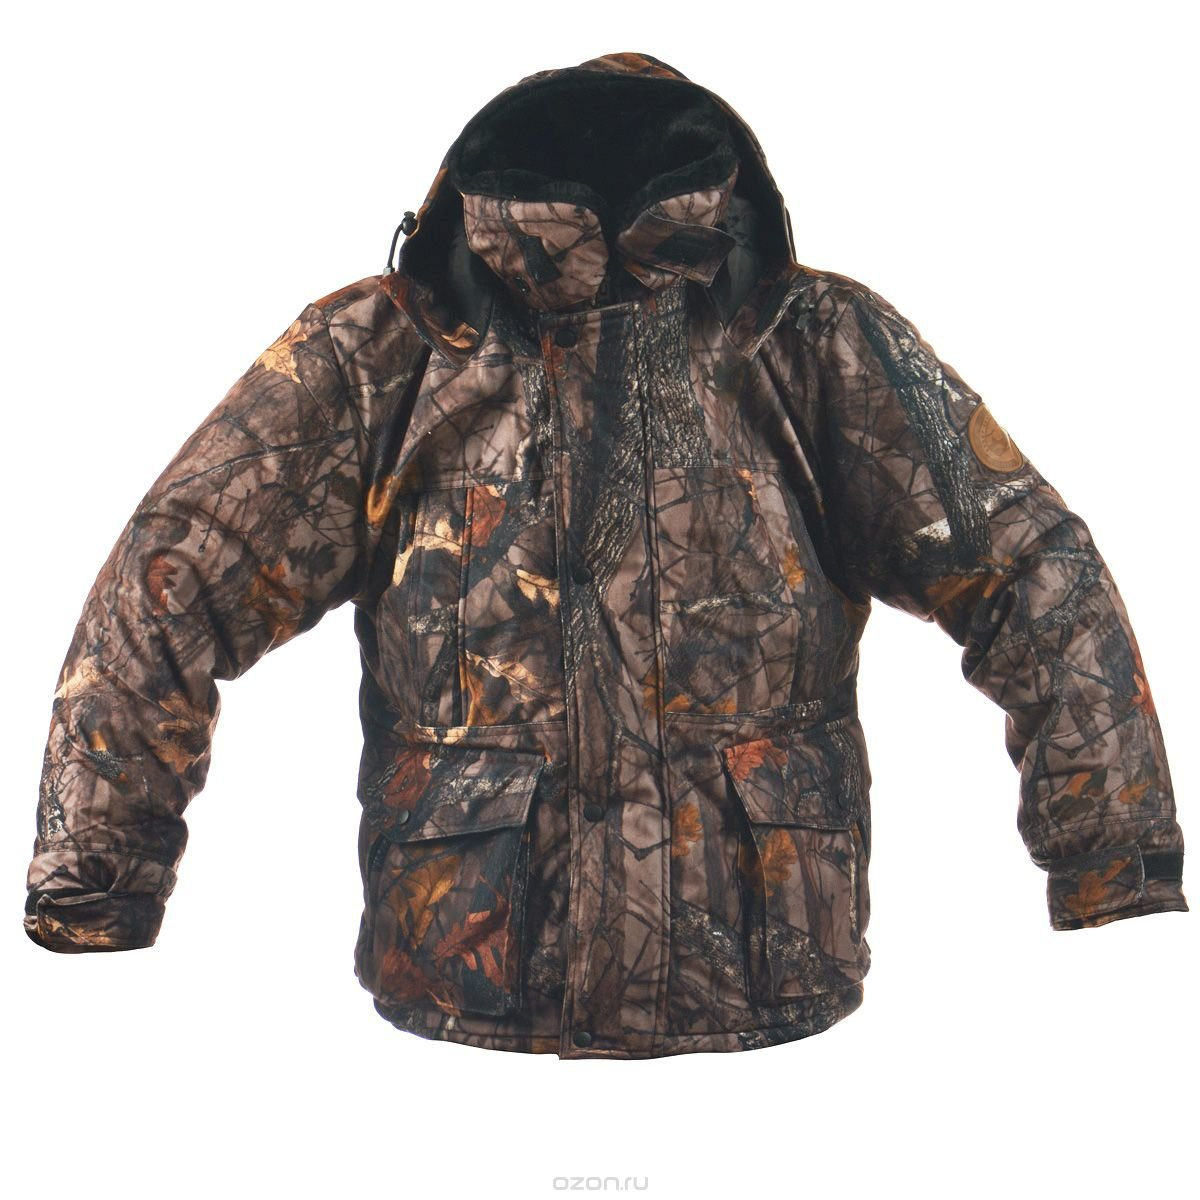 Купить куртку для рыбалки в спб